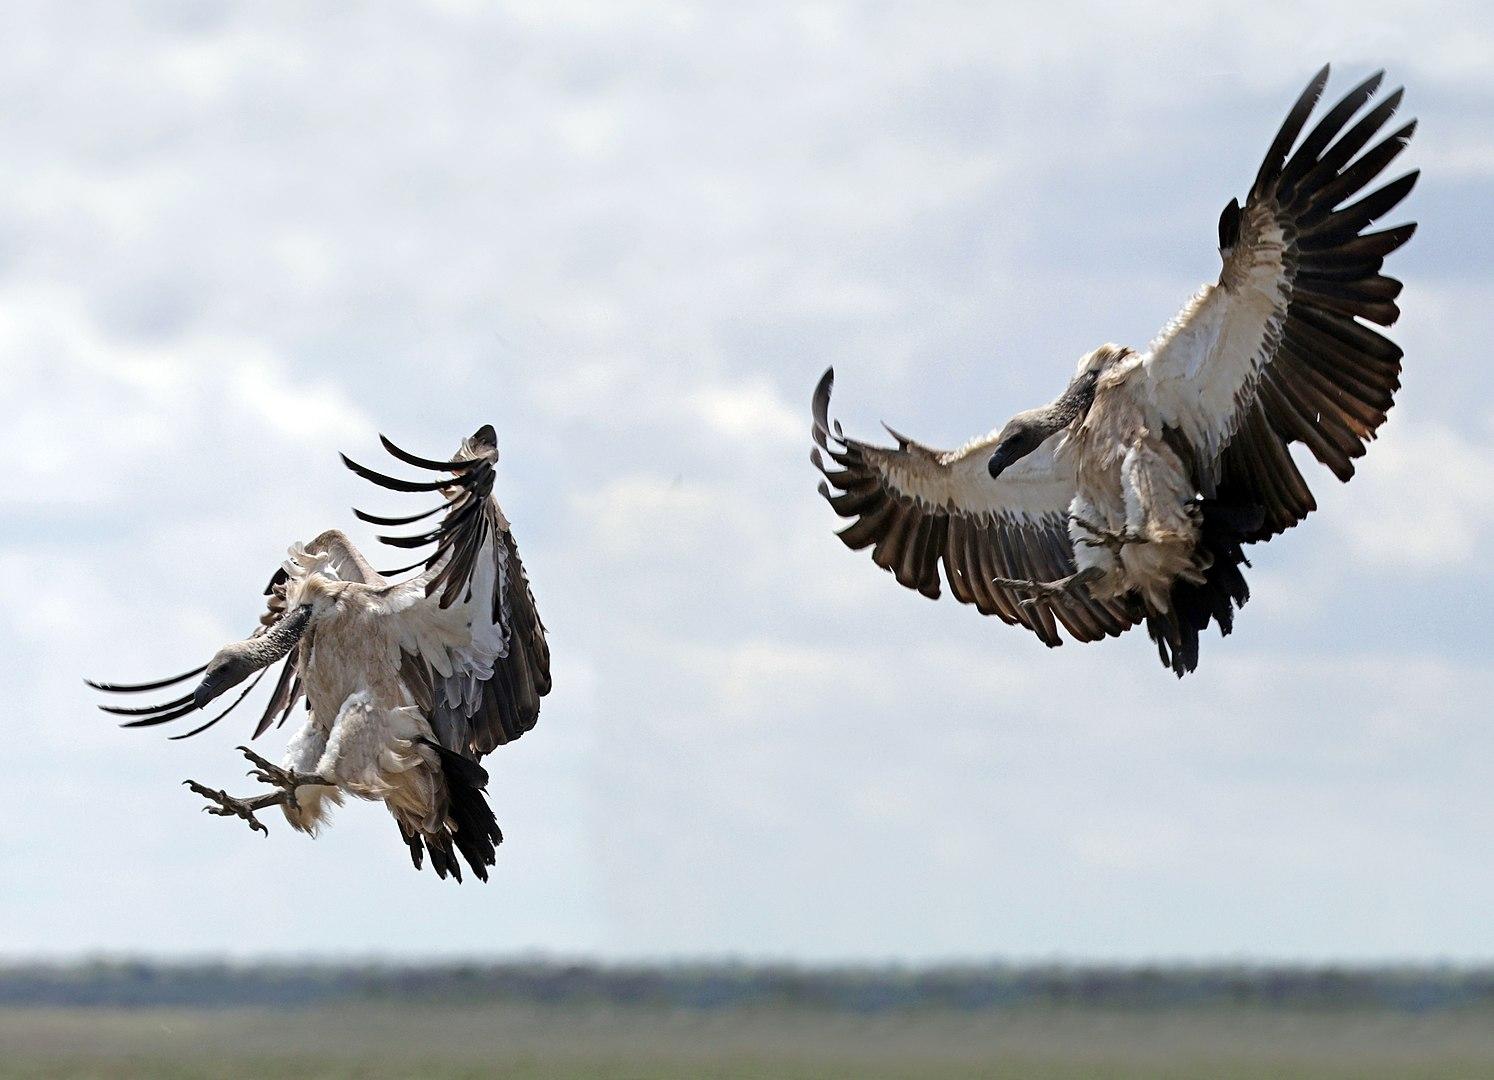 White-backed vulture (Gyps africanus) adult landing composite, Etosha National Park, Namibia. Photo credit: Charles J. Sharp